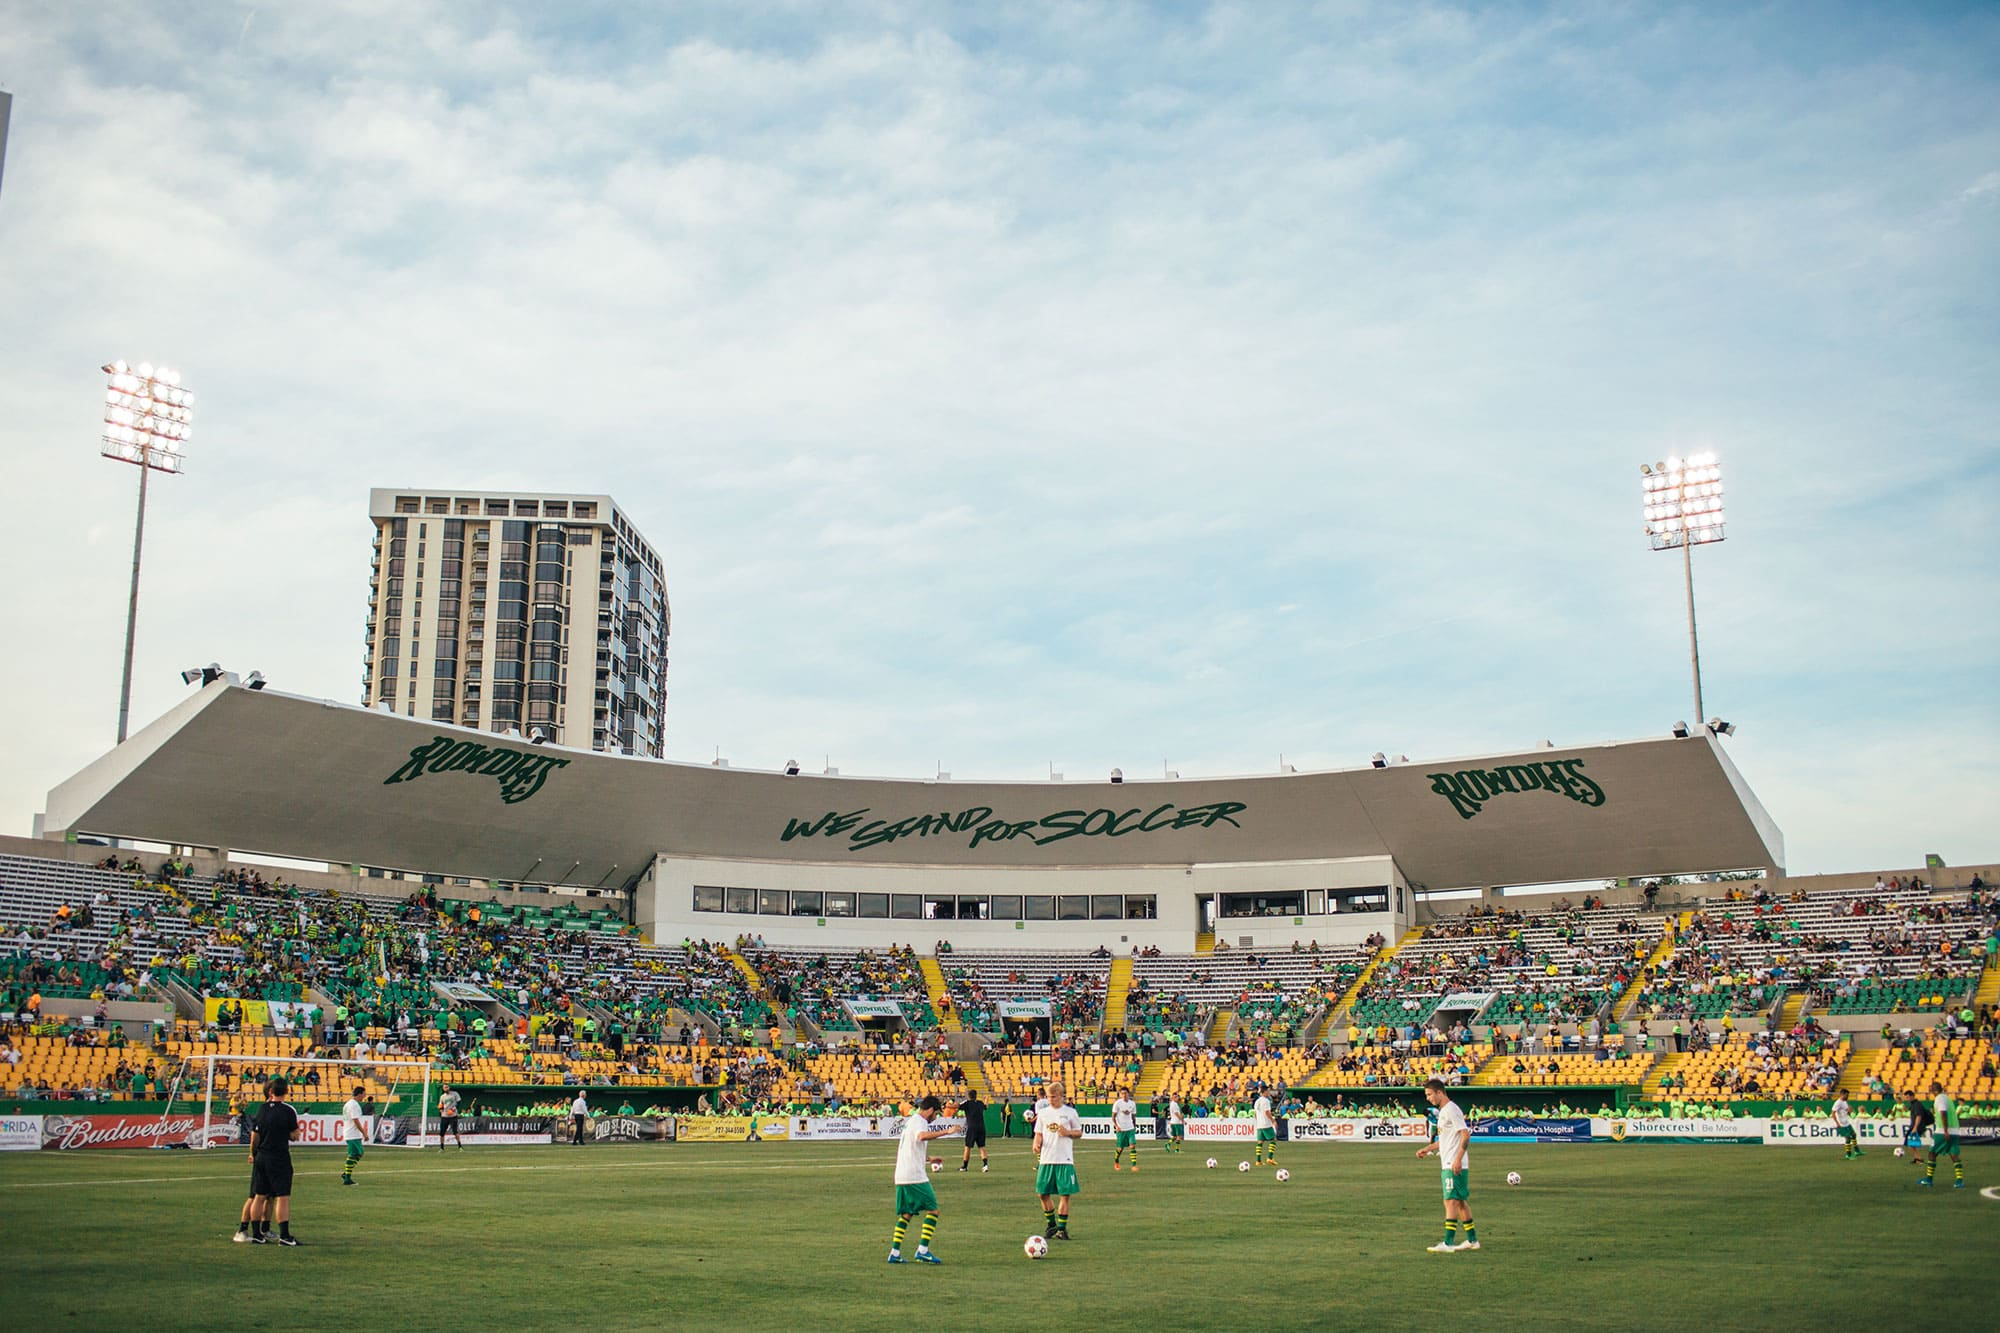 St Petersburg Rowdies Soccer